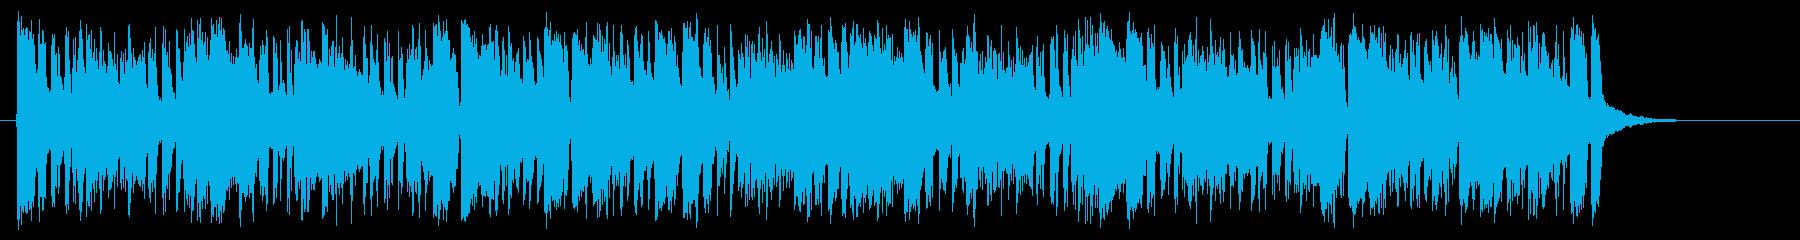 ボンゴがラテンのリズムを刻む陽気な曲の再生済みの波形